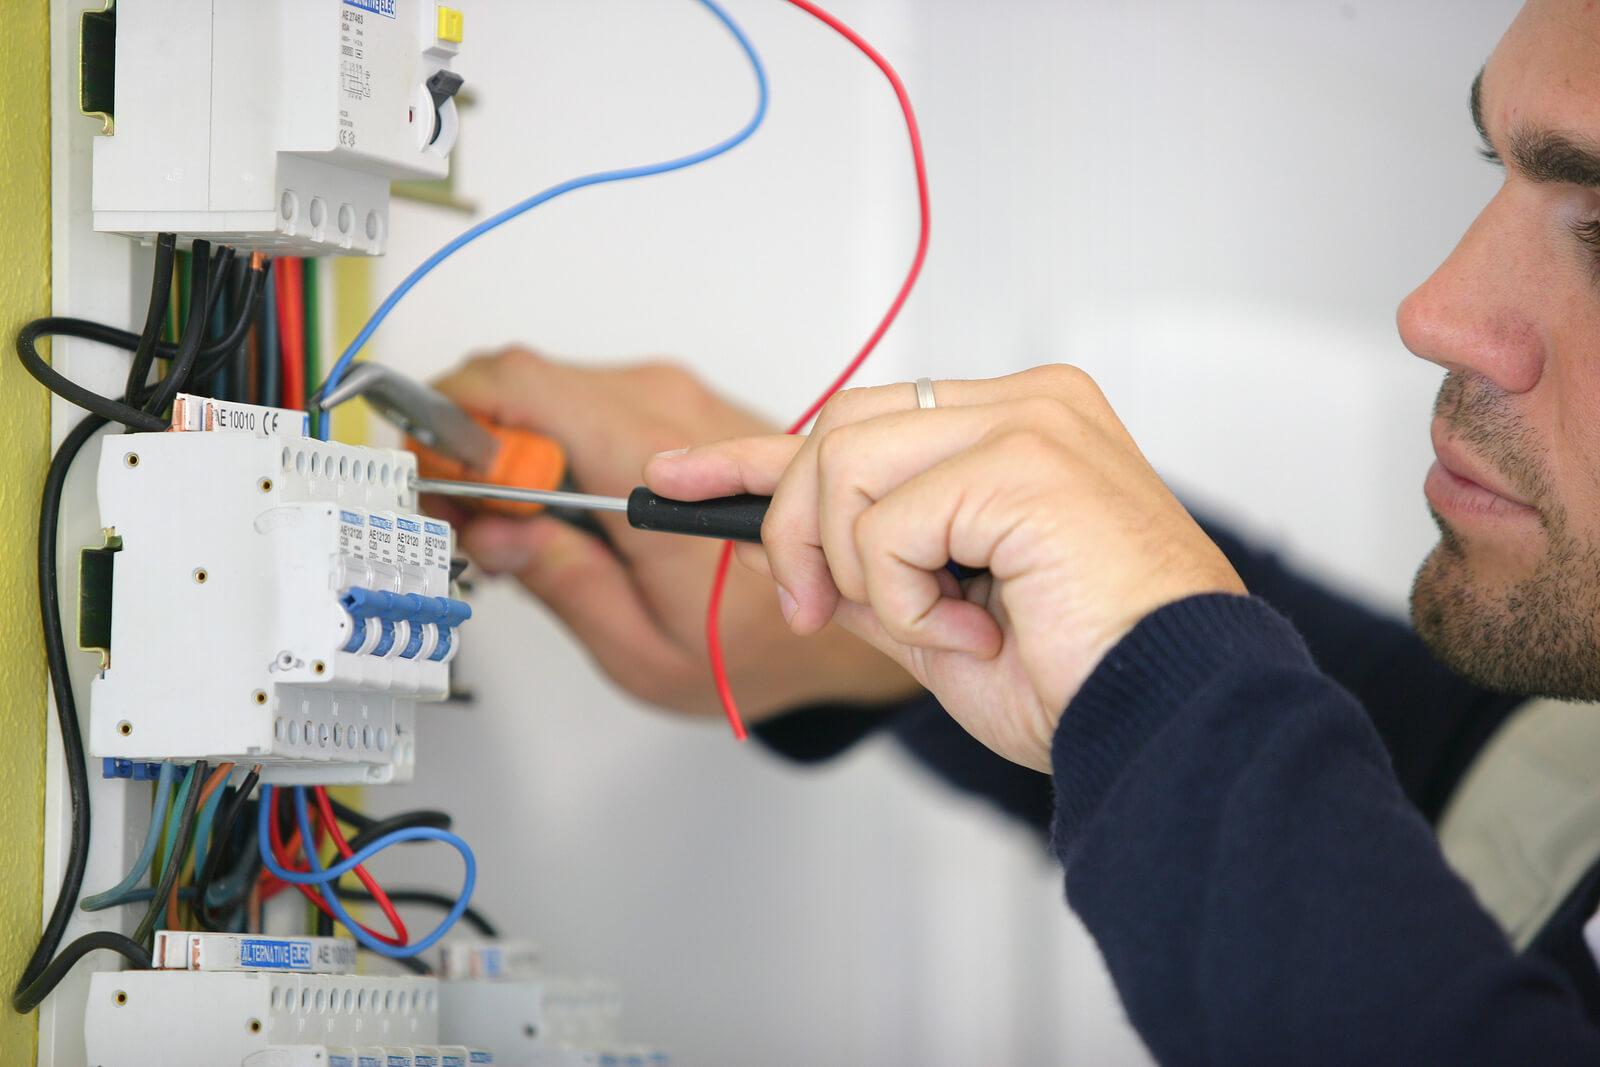 Замена пробок на автоматические выключатели в старом щитке — как грамотно сделать своими руками